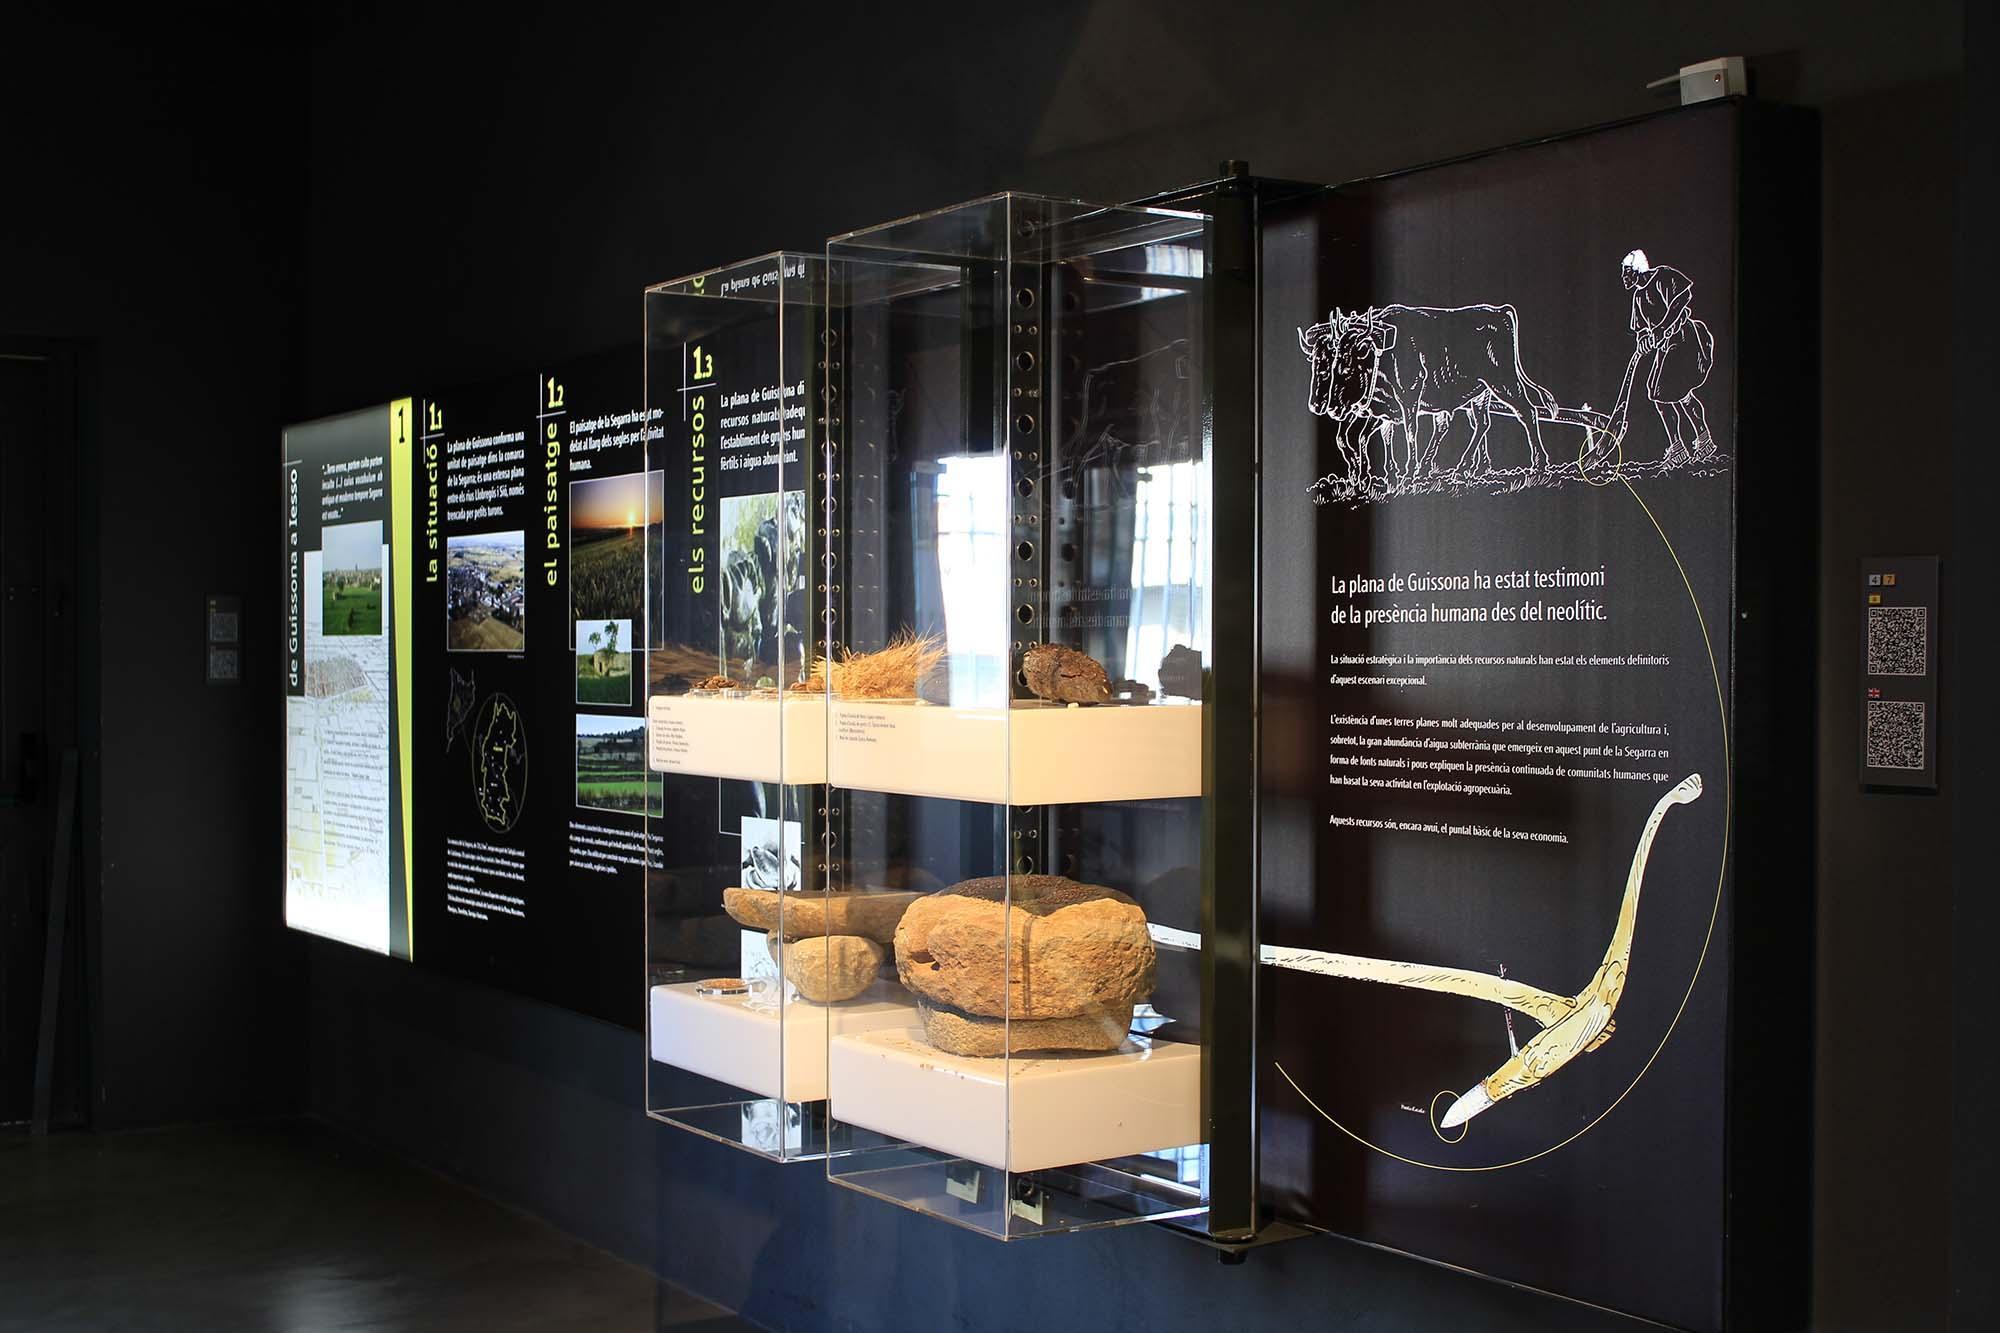 Museu de Eduard Camps i Cava